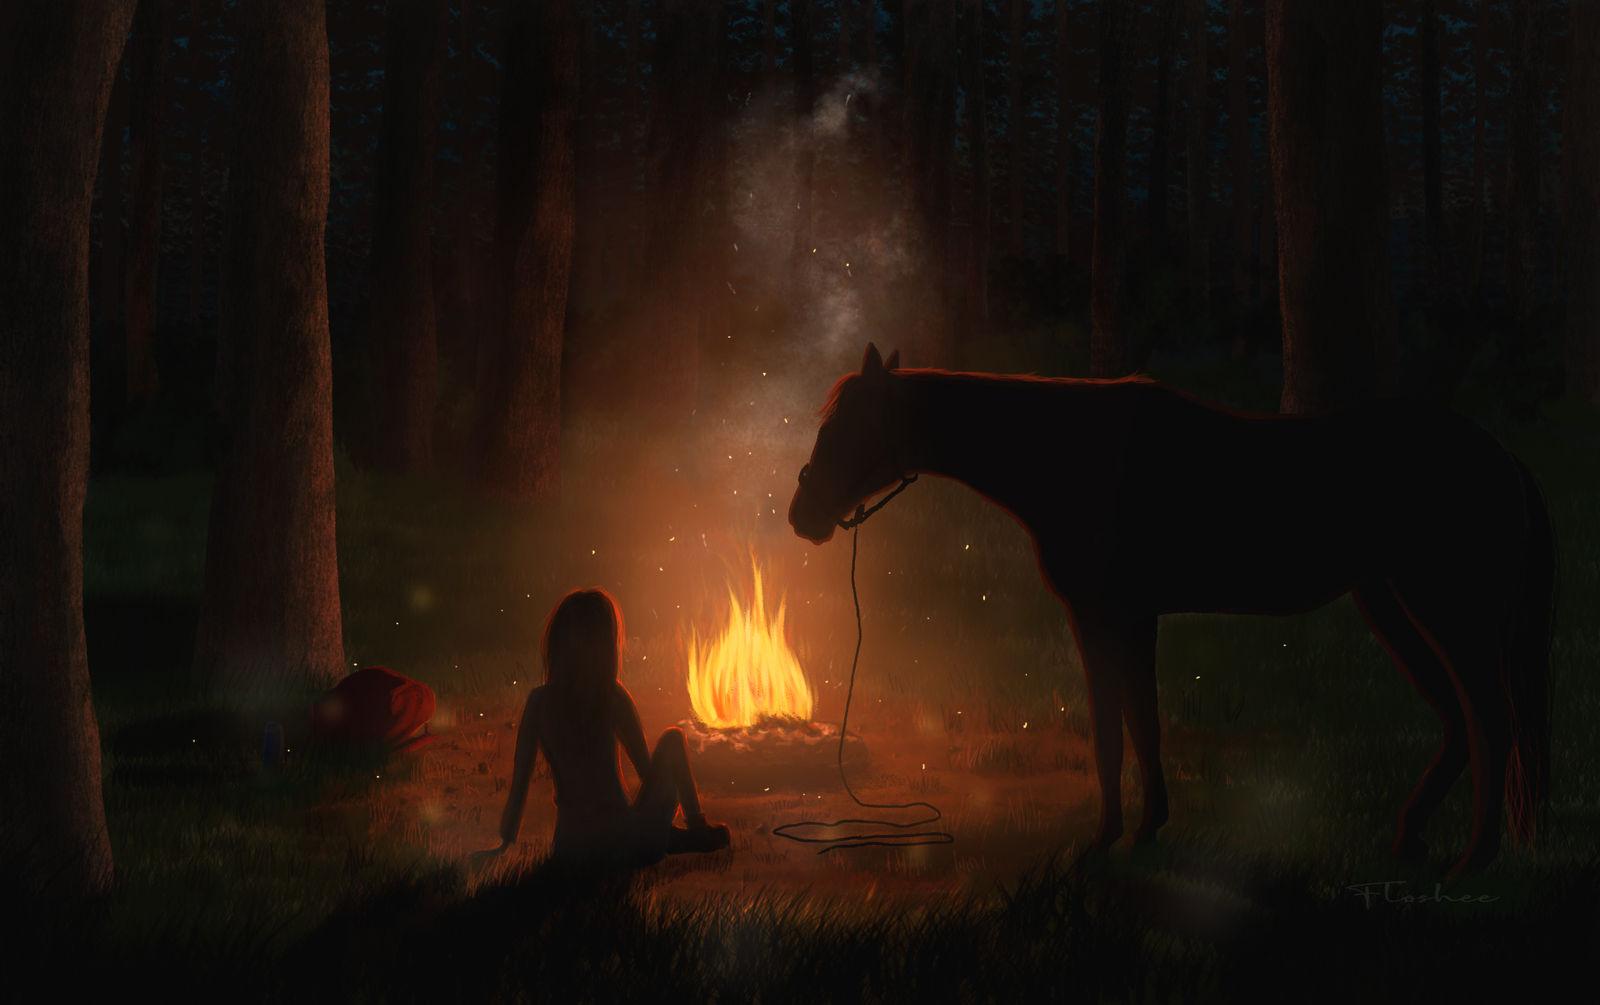 light_in_the_dark_by_floshee_ddzwmpo-ful